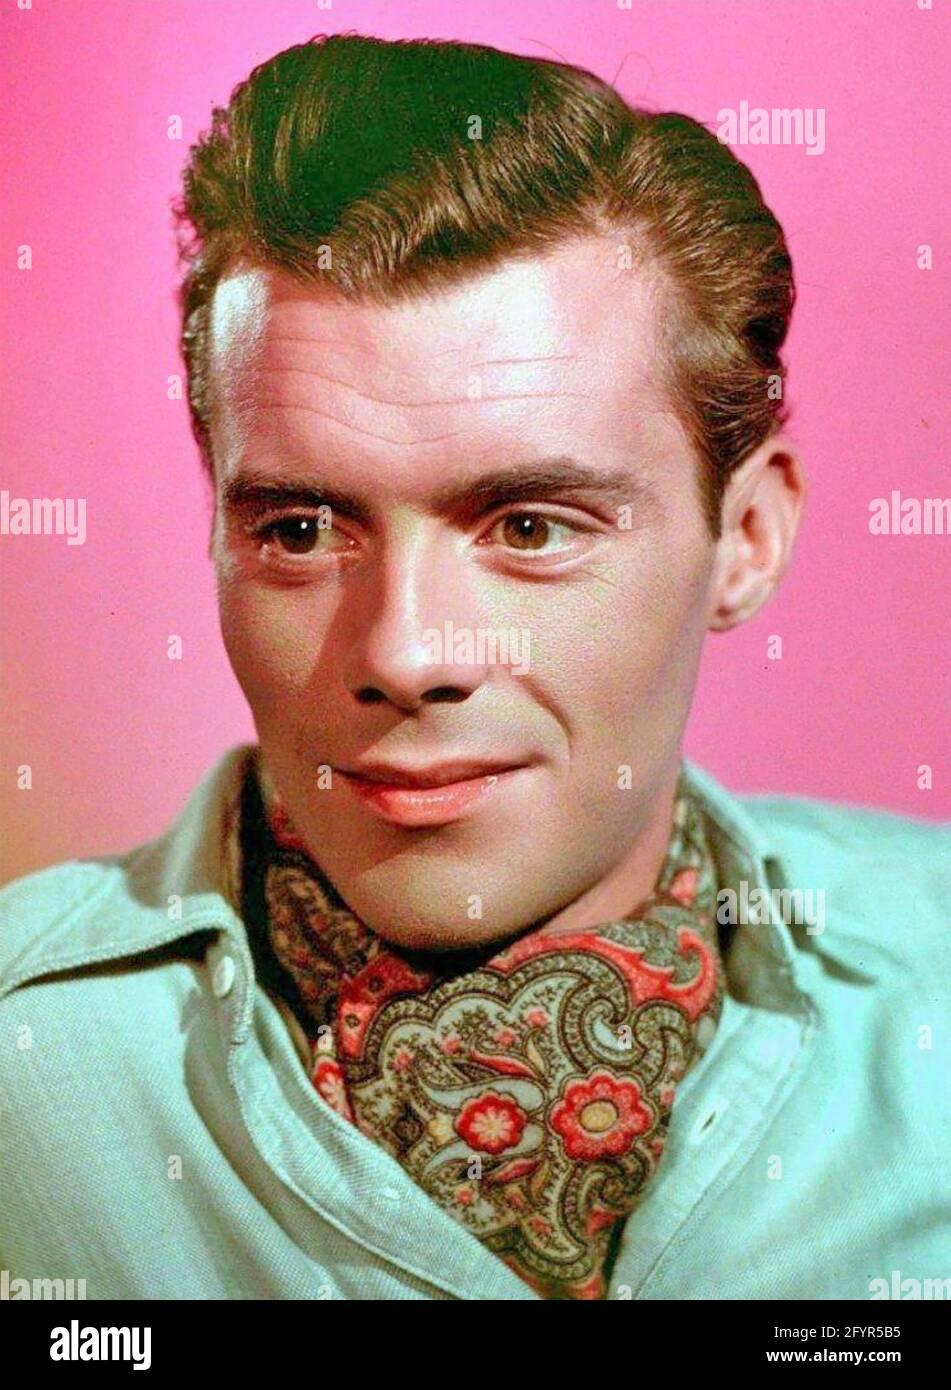 DIRK BOGARDE (1921-1999) acteur et écrivain de film Emglaish vers 1950 Banque D'Images